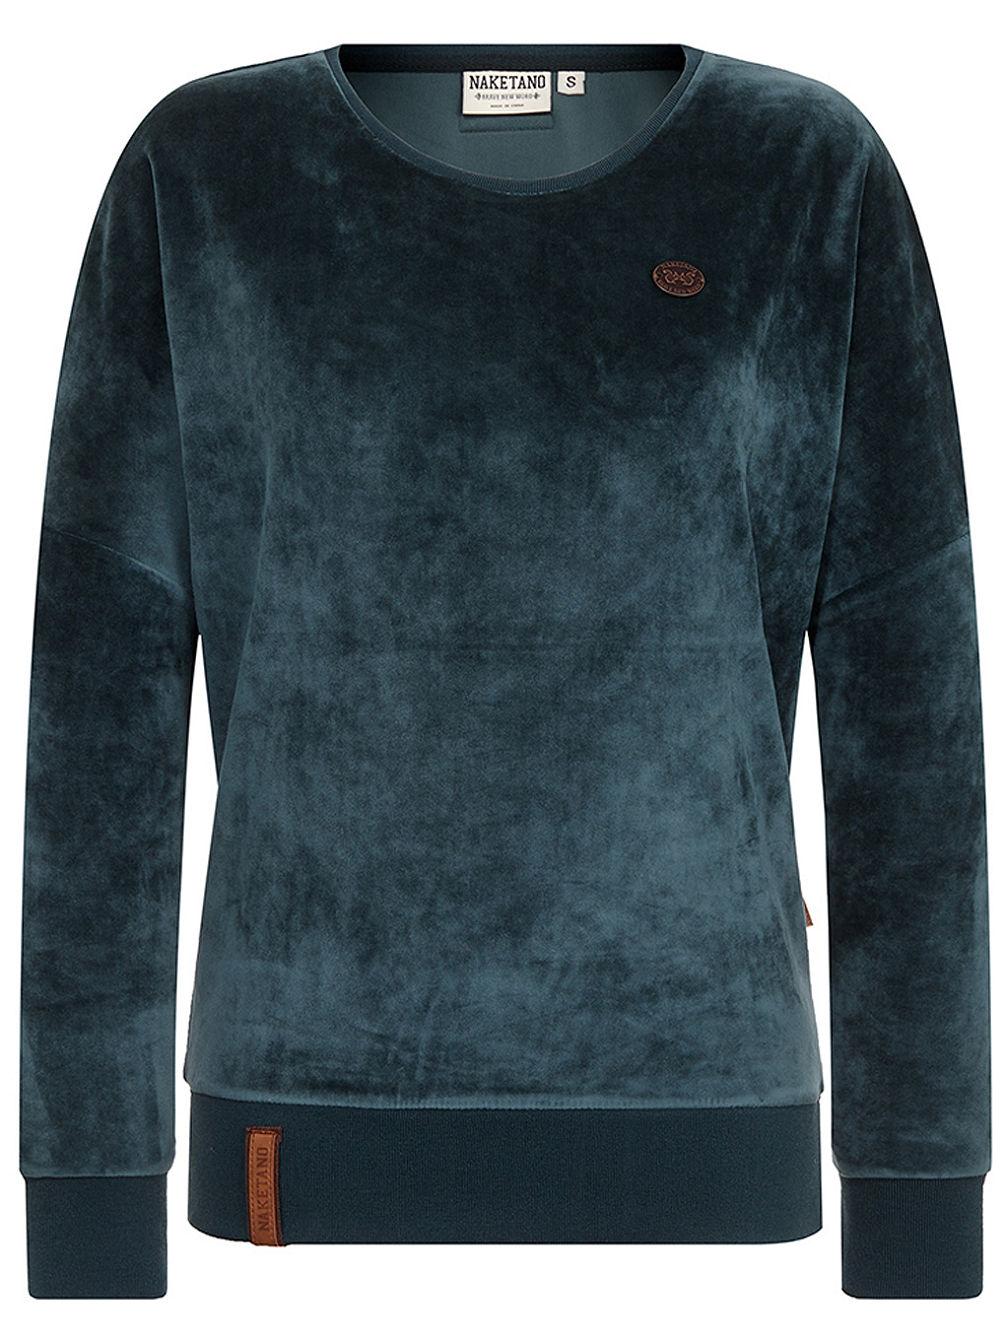 naketano auf dem k chentisch sweater online kaufen bei blue. Black Bedroom Furniture Sets. Home Design Ideas